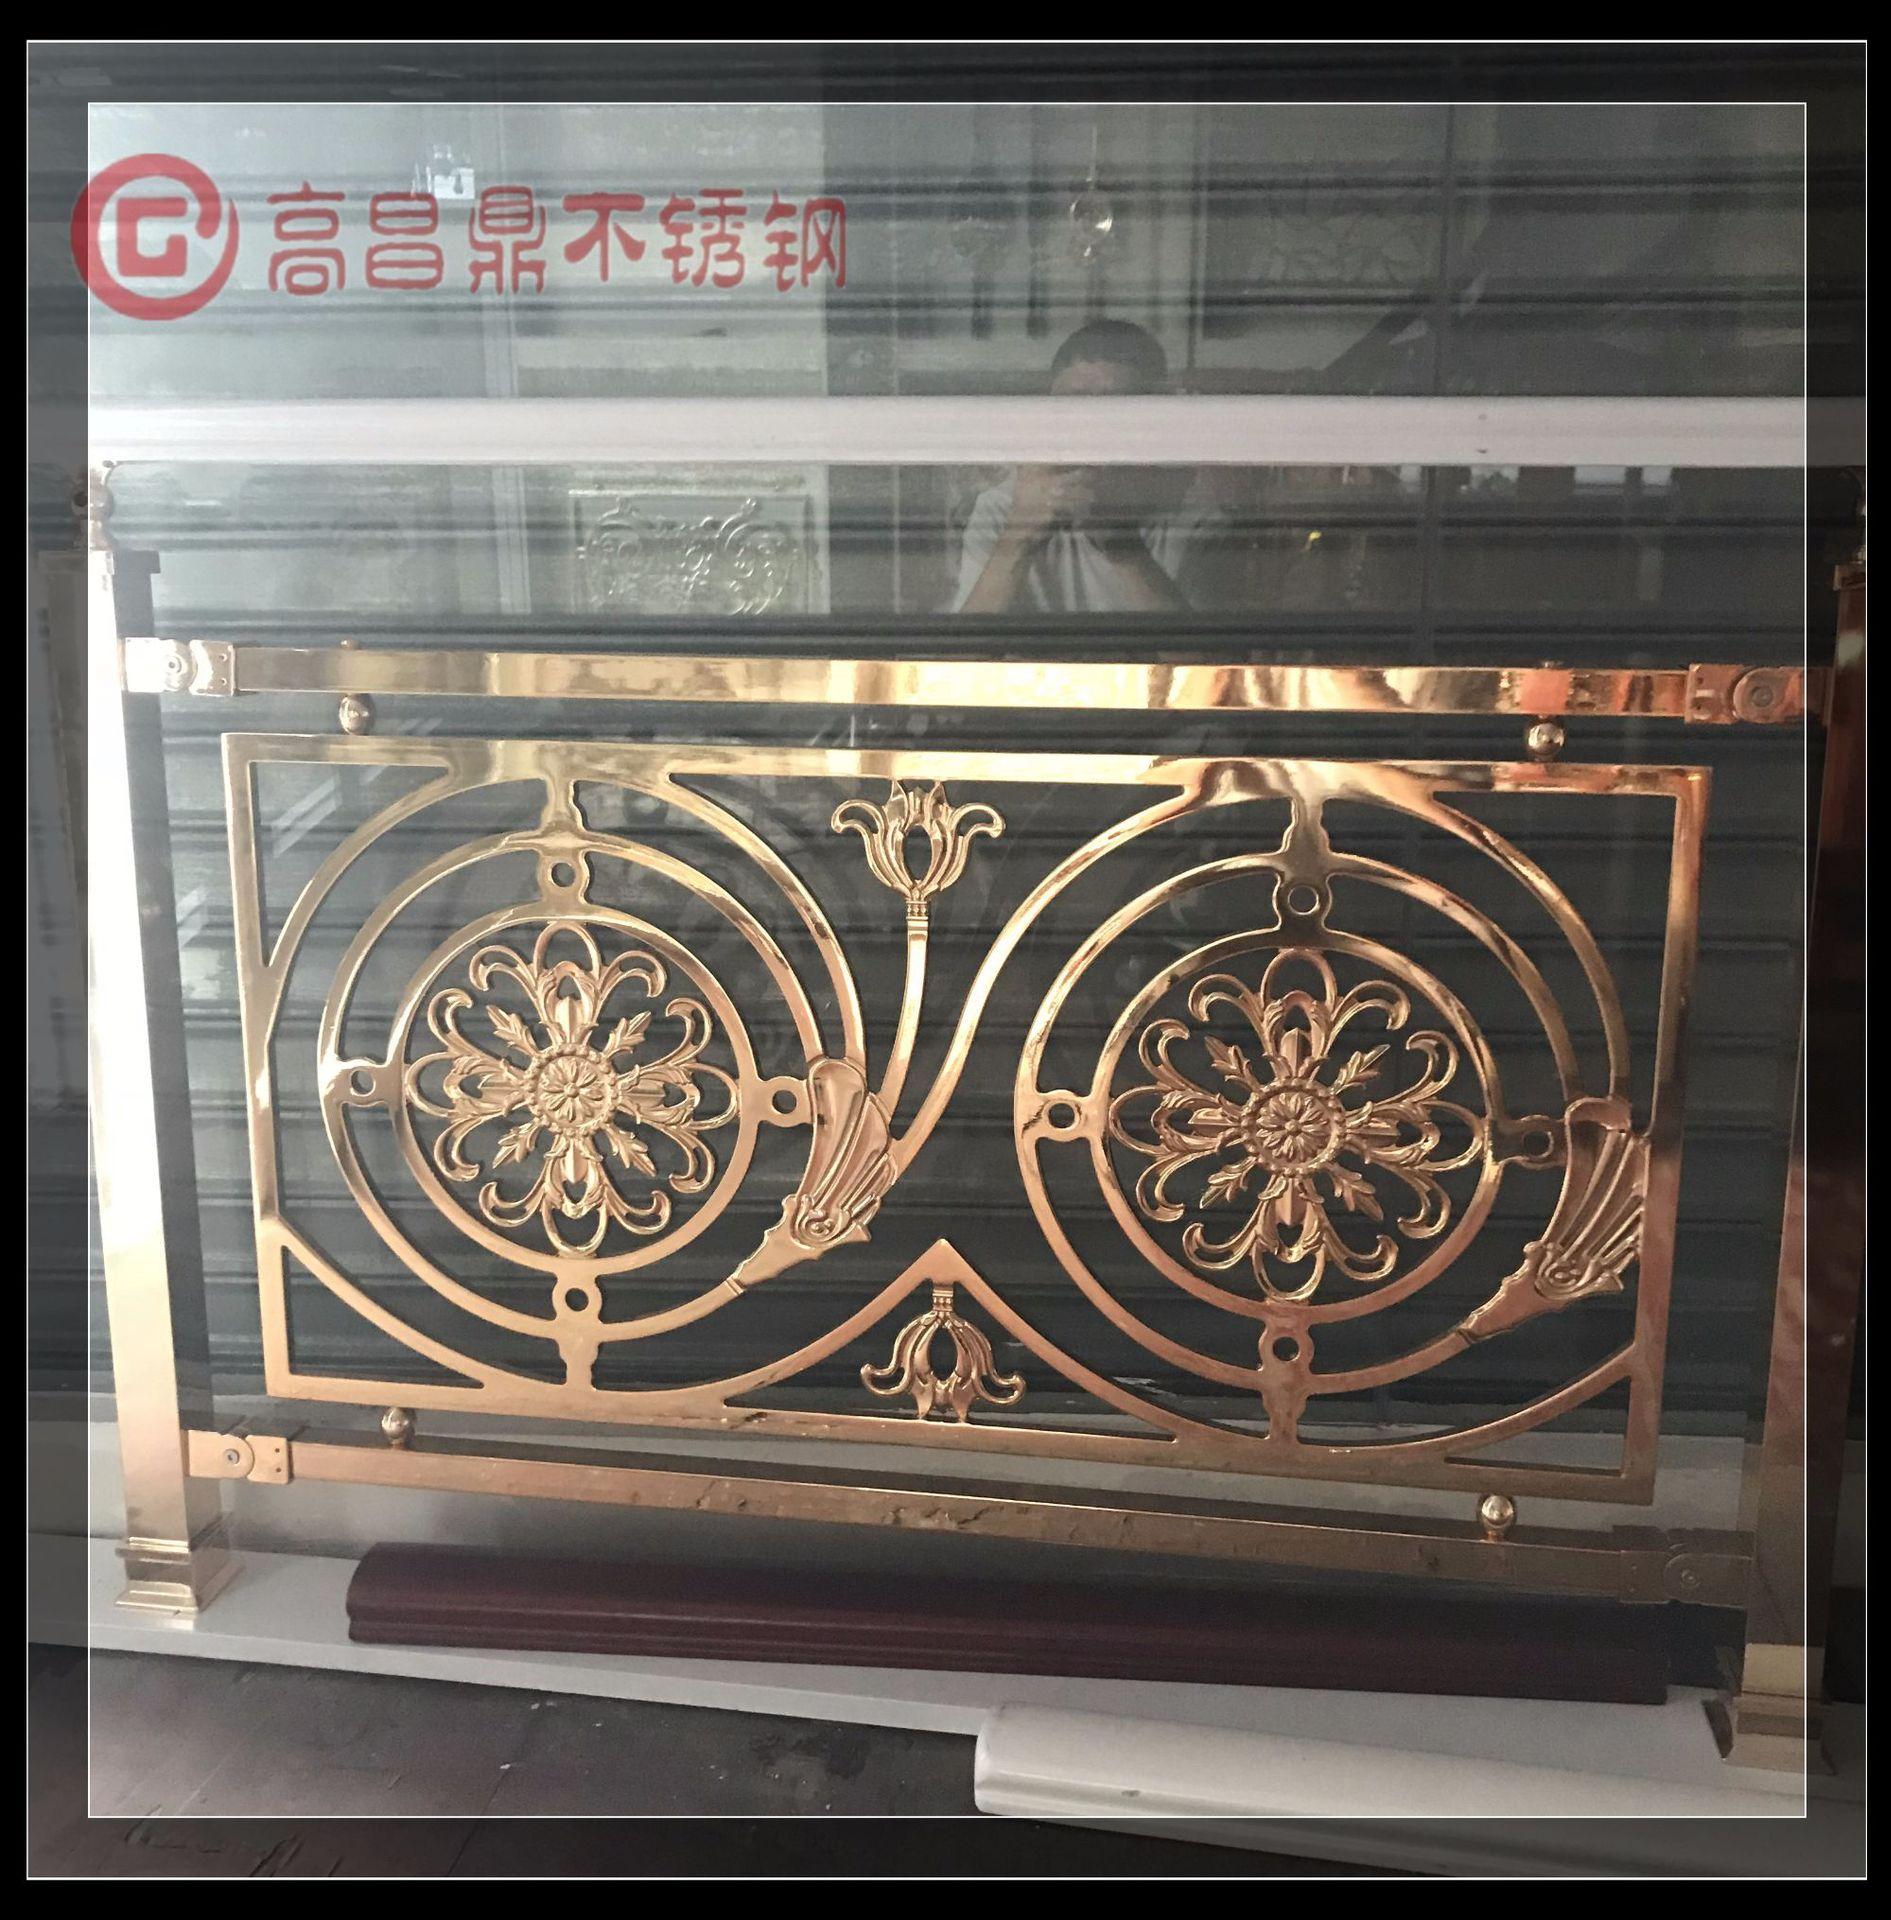 定制铜艺雕花铝镁合金立柱酒店别墅楼梯扶手罗马欧式楼梯护栏栏杆图片